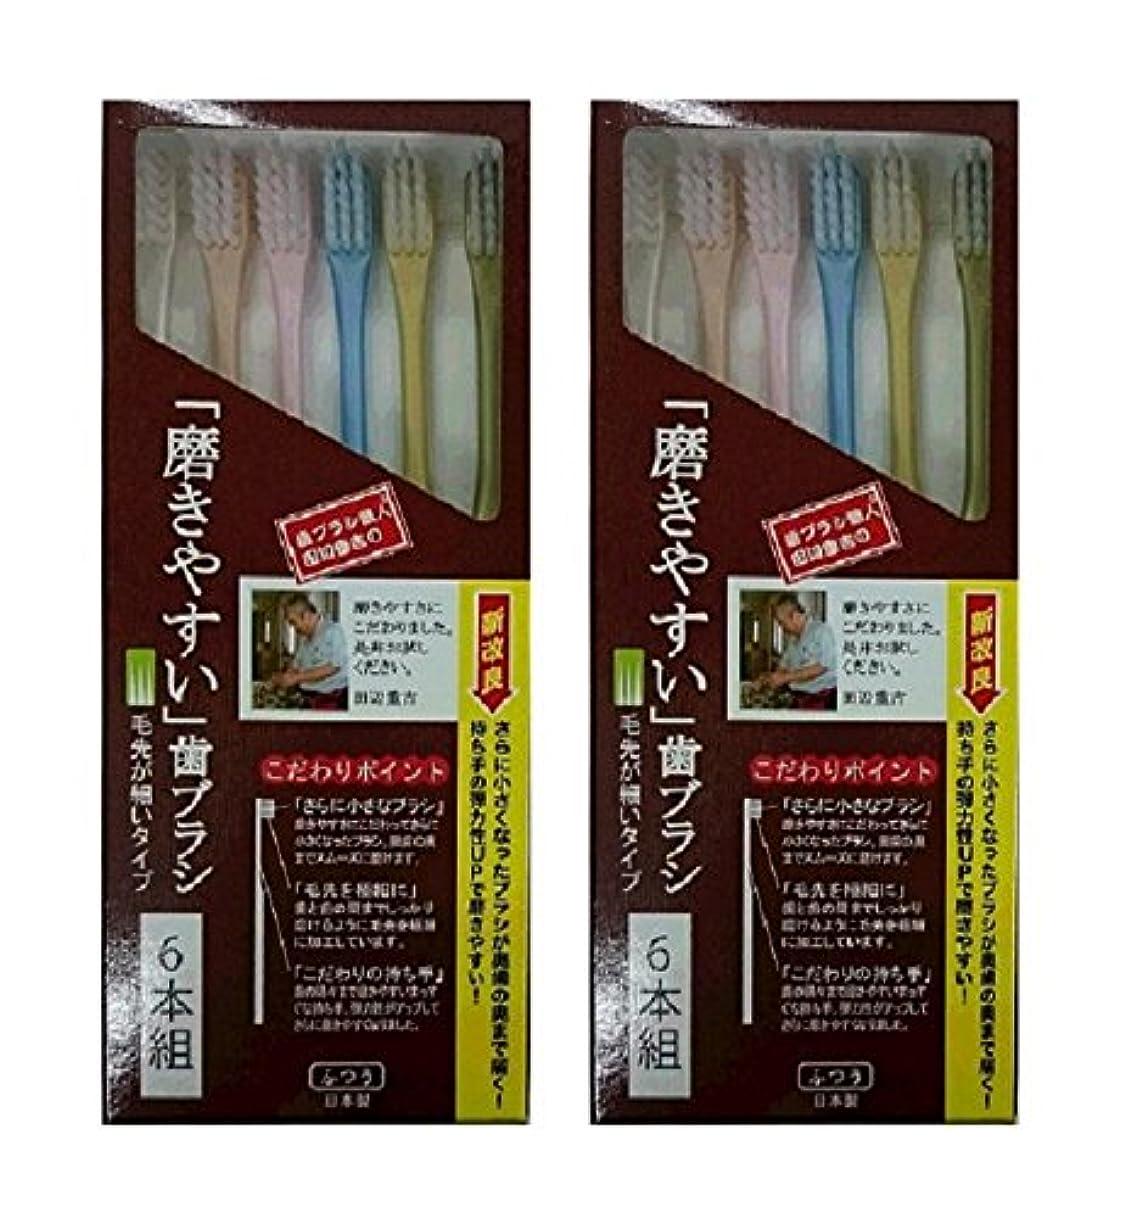 ヘクタール剃る飲料歯ブラシ職人 田辺重吉考案 磨きやすい歯ブラシ 先細 6本組×2個セット